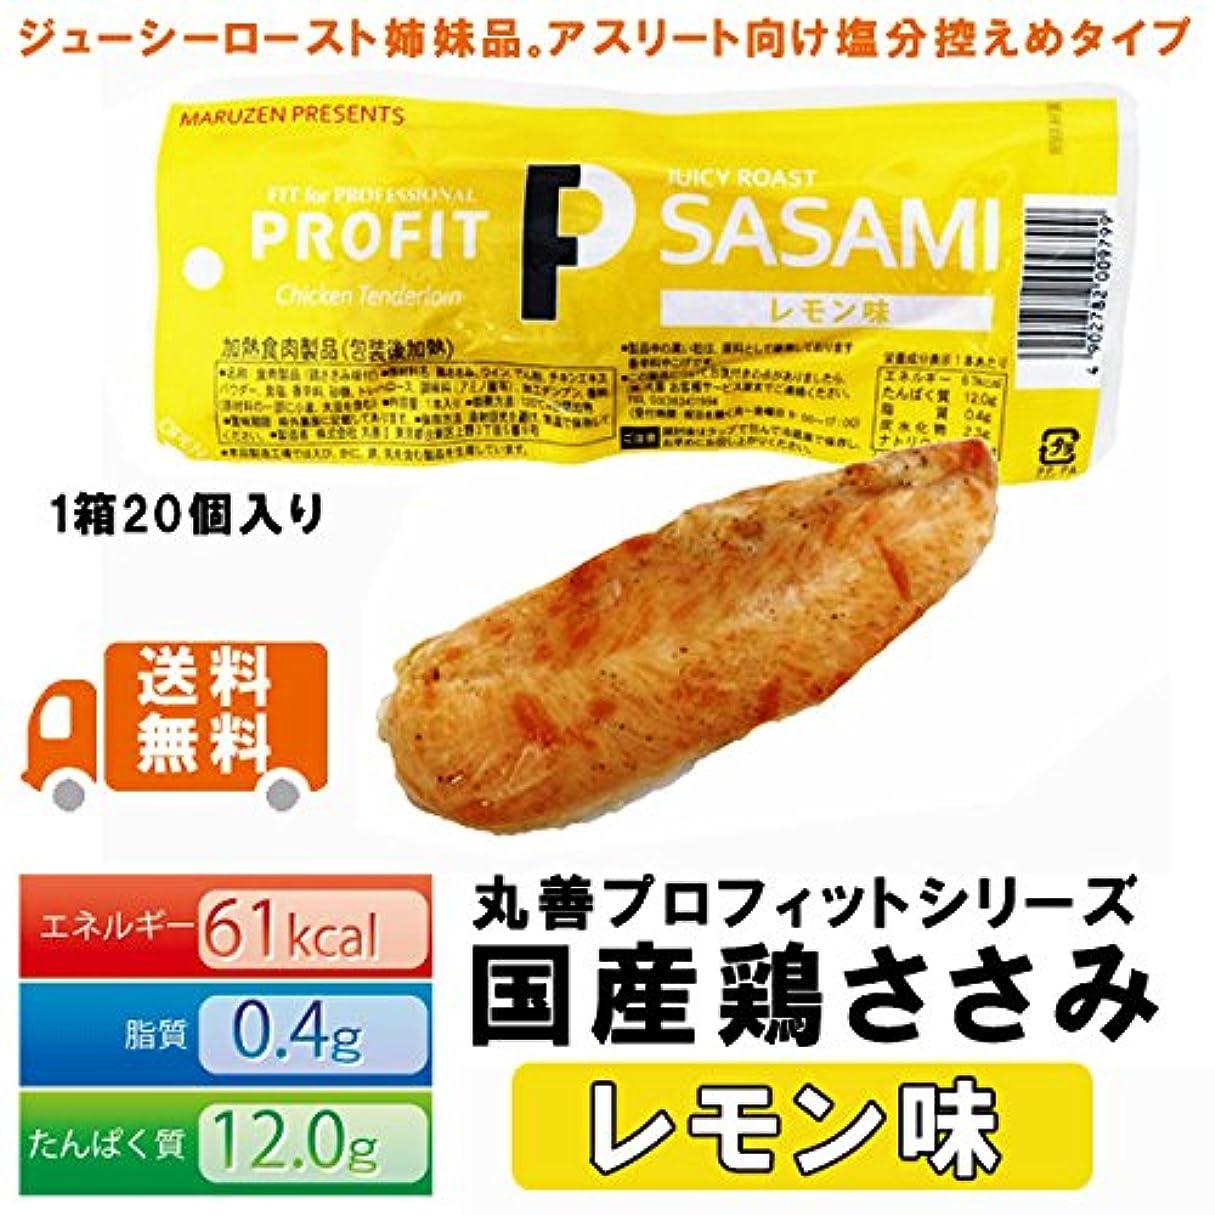 コーン通知する人工的な丸善 PRO-FIT プロフィットささみ 鶏ささみ レモン味 1箱20本入り